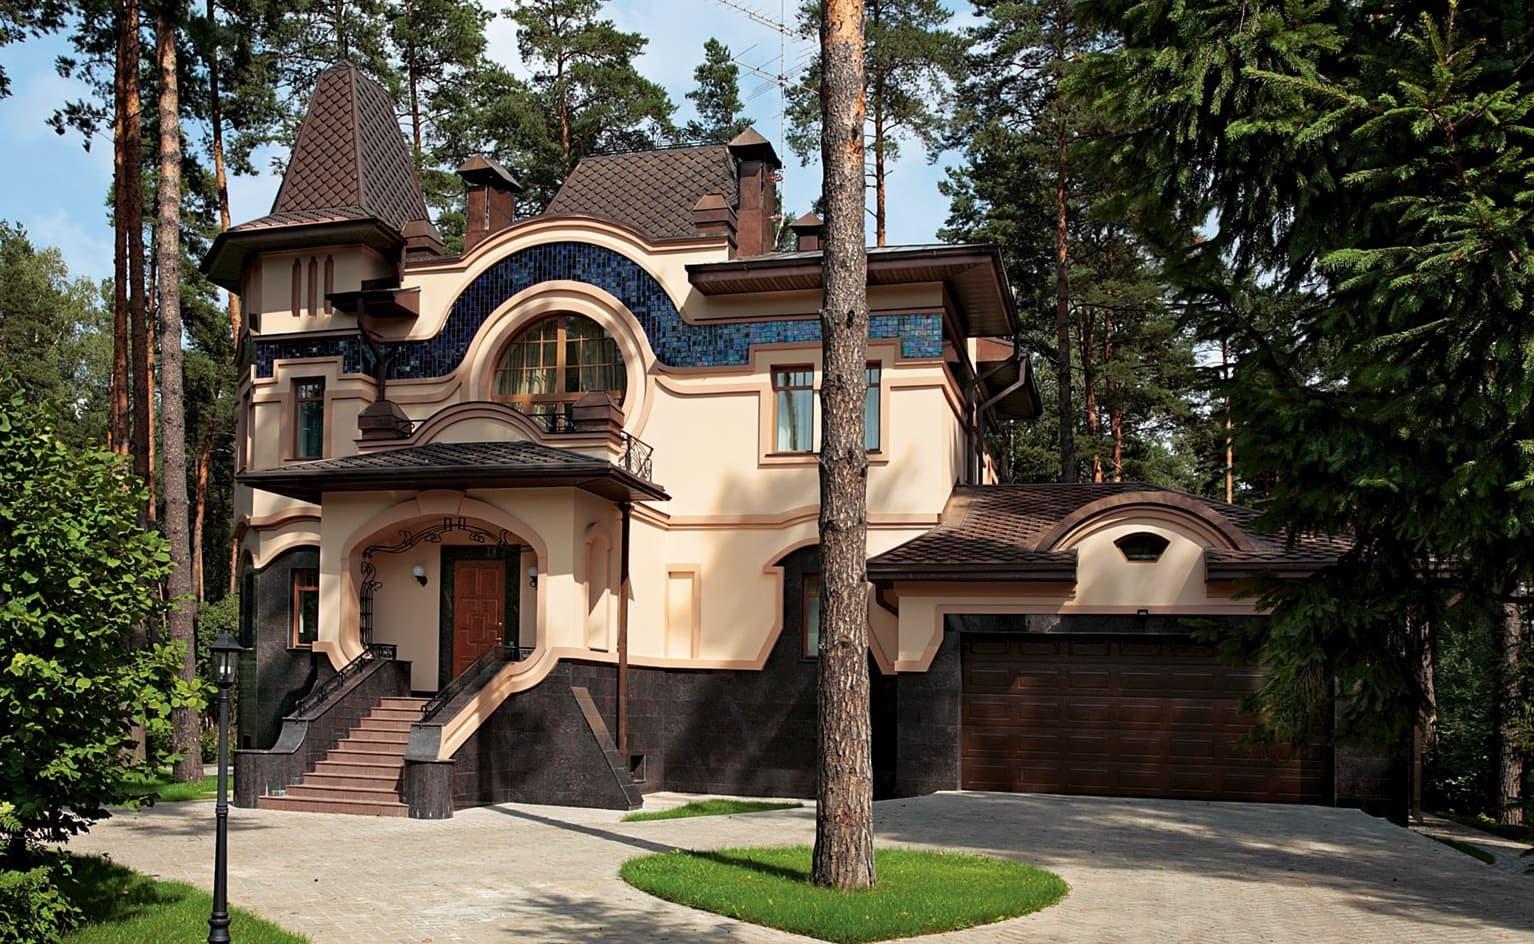 Простота, строгость и изящество форм дома в стиле модерн